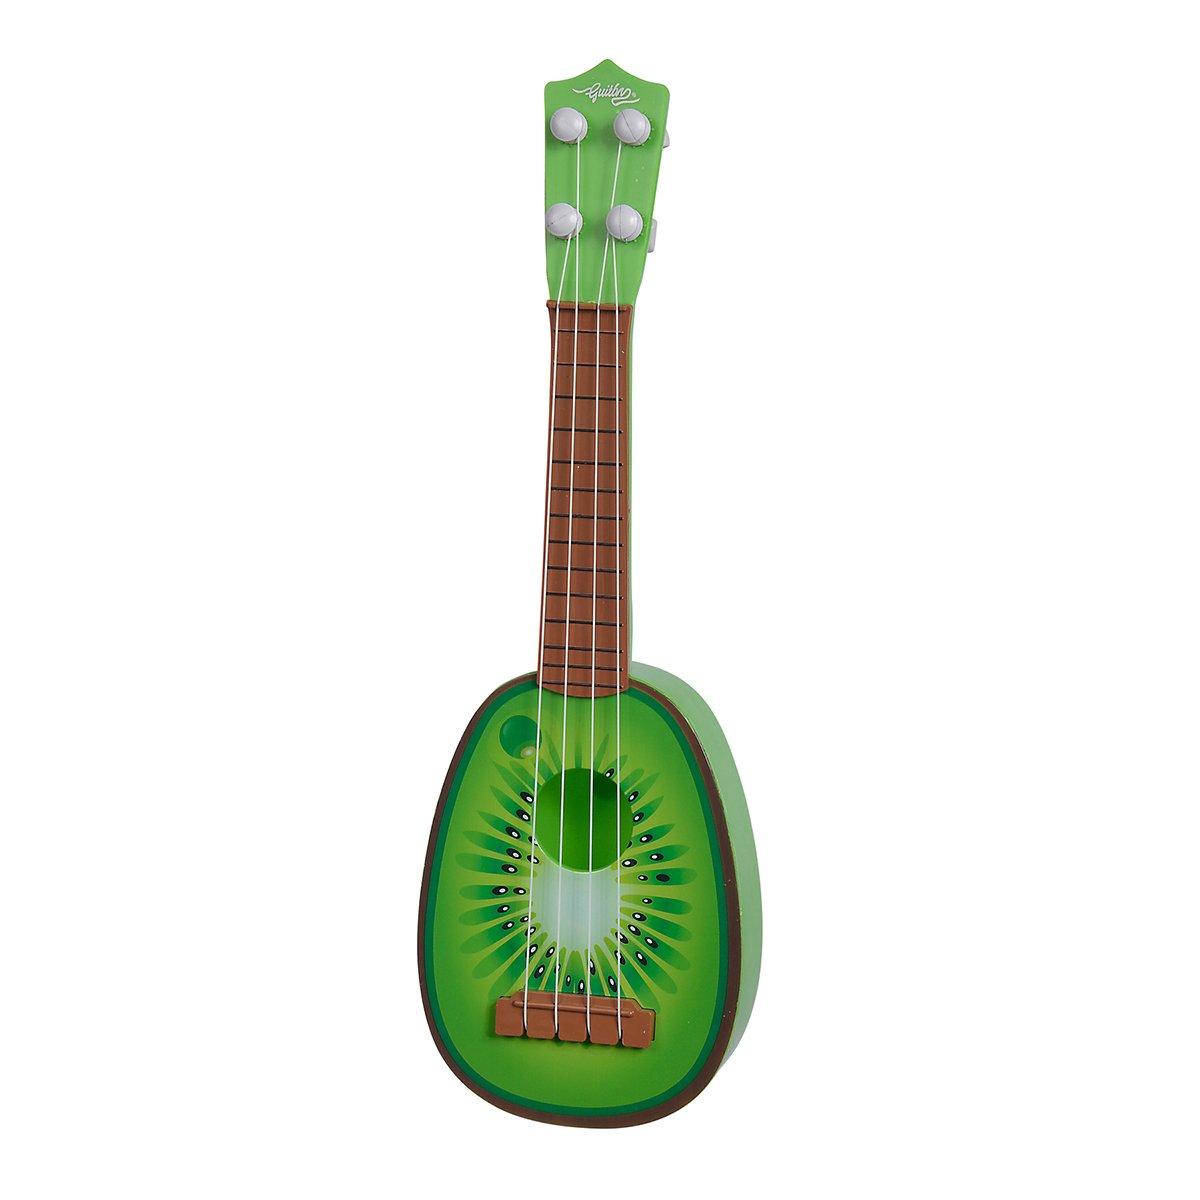 Ukulele, intstrument muzical, My Music World, Kiwi